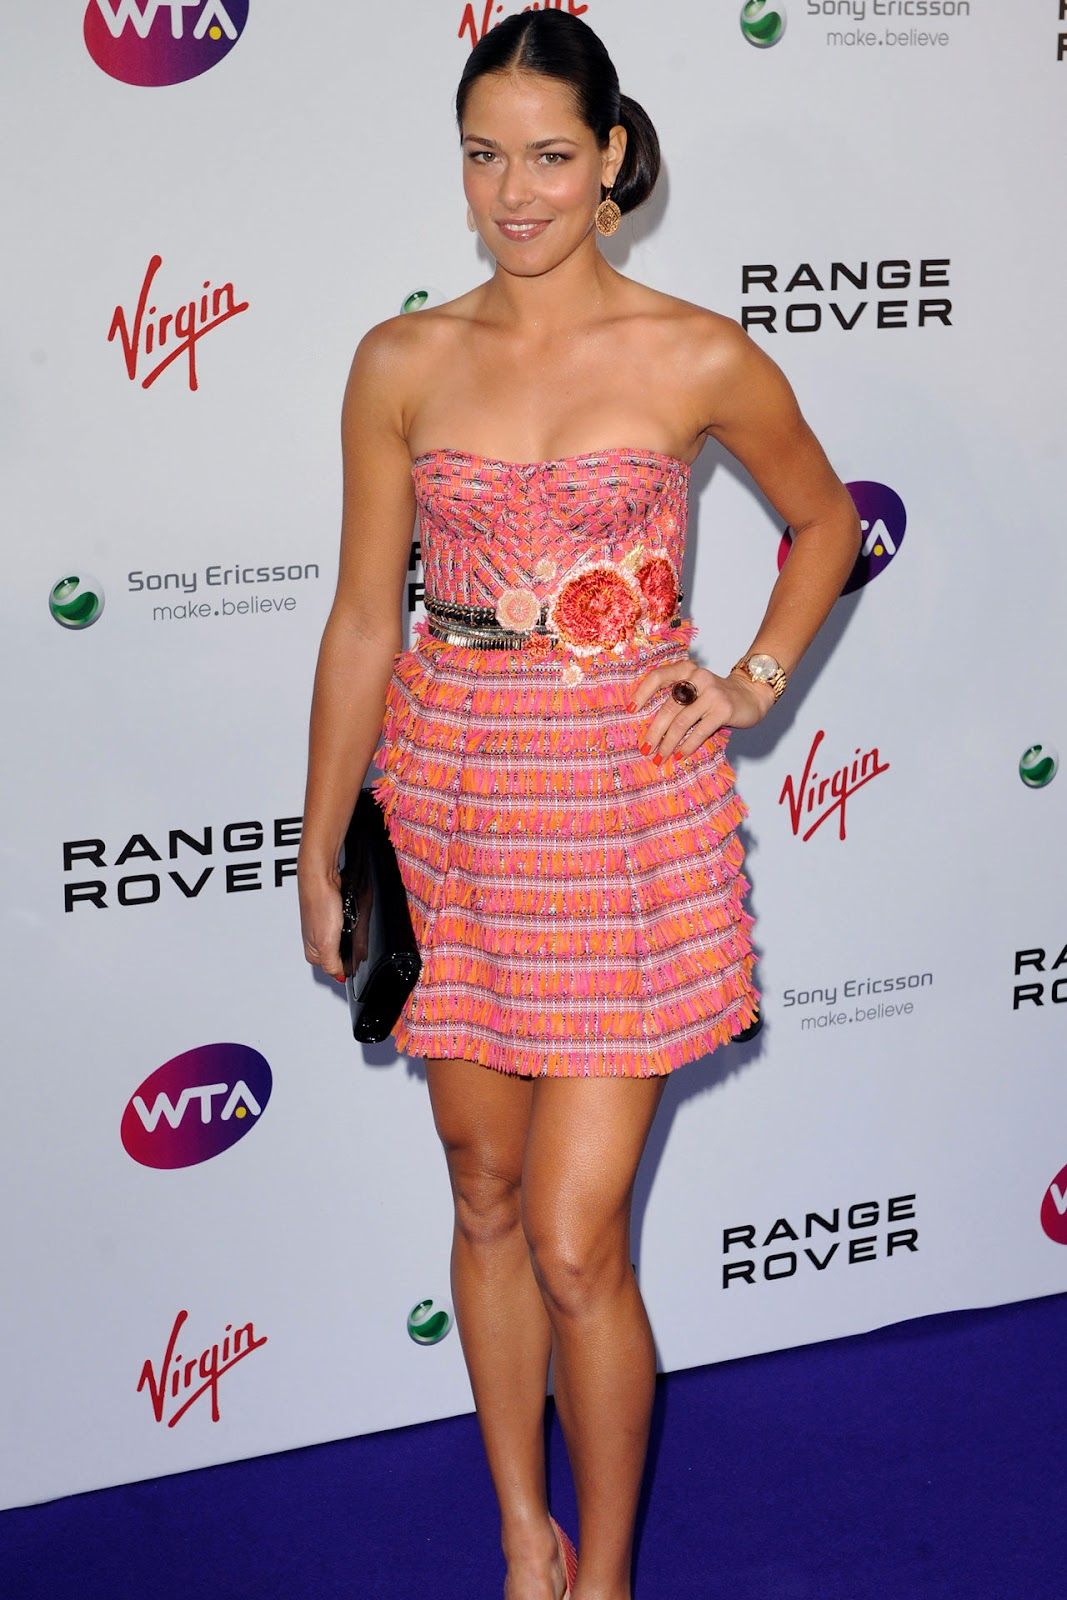 http://4.bp.blogspot.com/-u9TnYCl1Mok/TgQuoegjQOI/AAAAAAAABEg/aZDUg9egdmo/s1600/Ana-Ivanovic-fashion-wearing-Matthew-Williamson.jpg